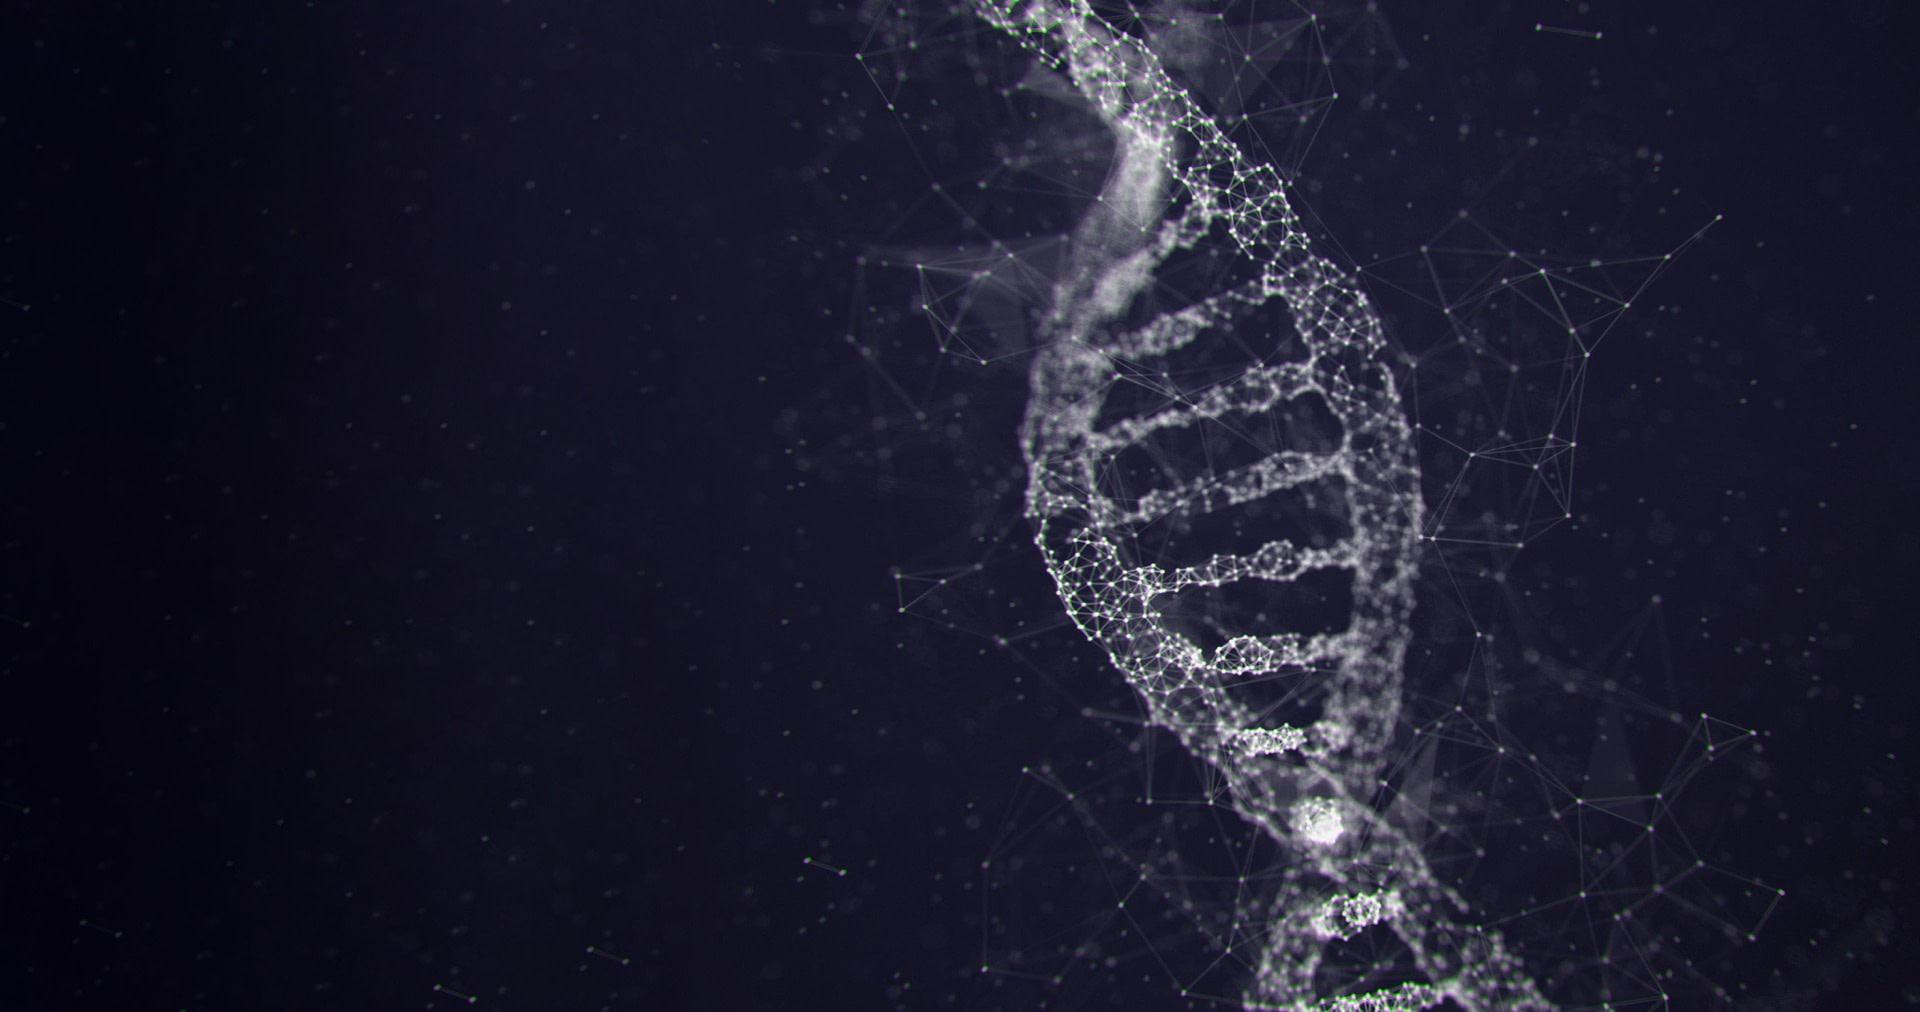 Fond d'écran de l'ADN qui représente l'essence d'un film